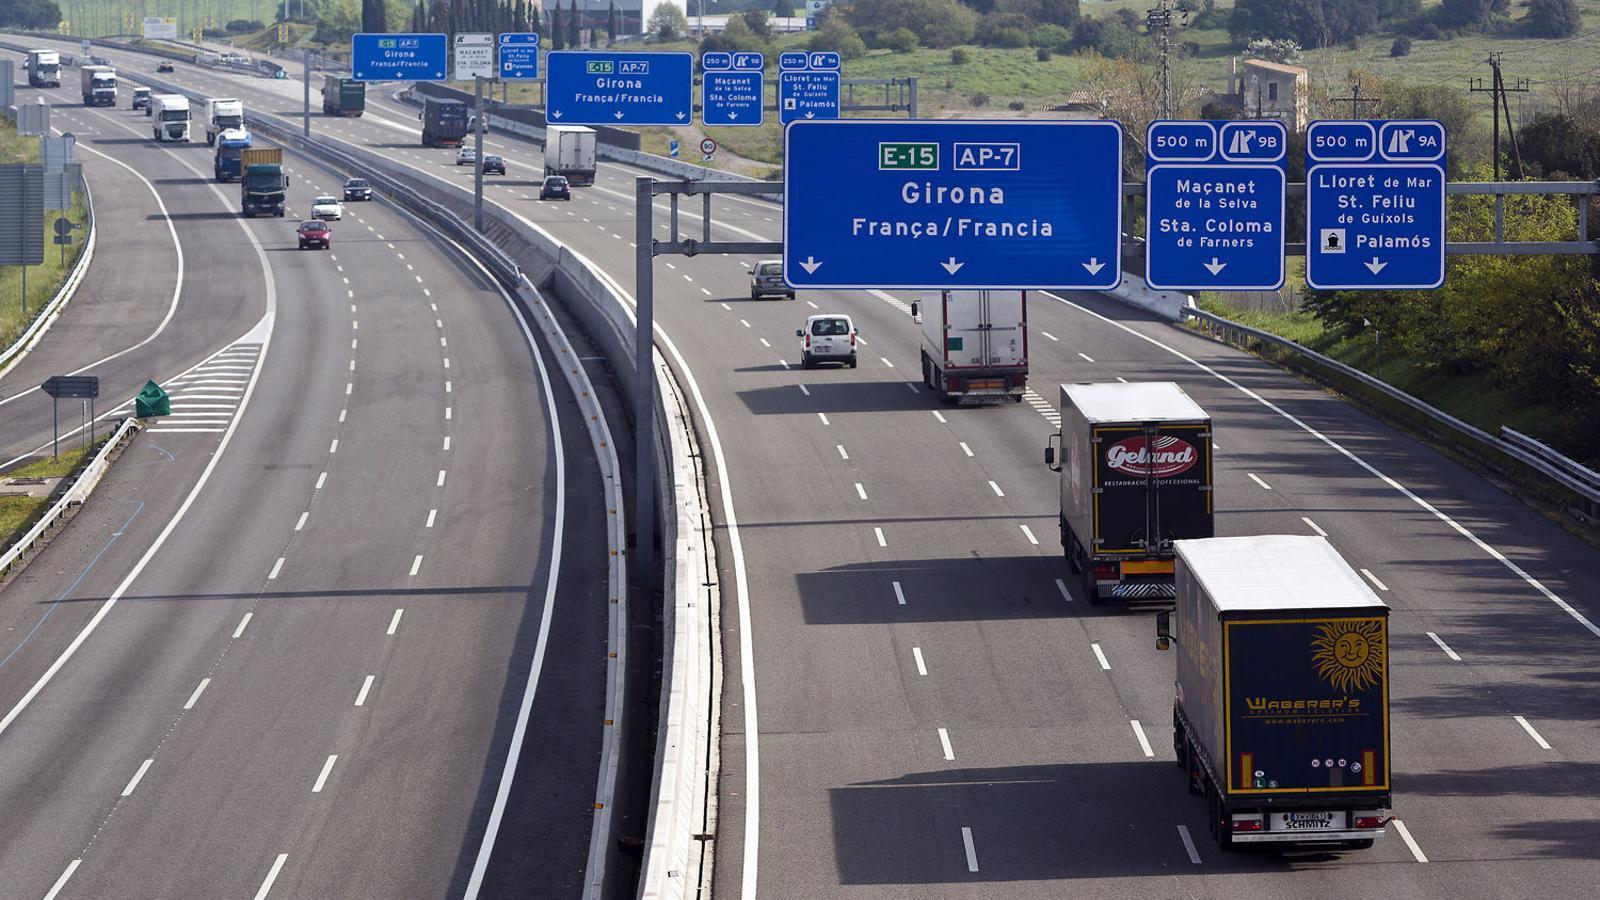 L'AP-7 és, juntament amb l'AP-2, una de les dues autopistes on l'Estat podria allargar la concessió un màxim de 99 dies.